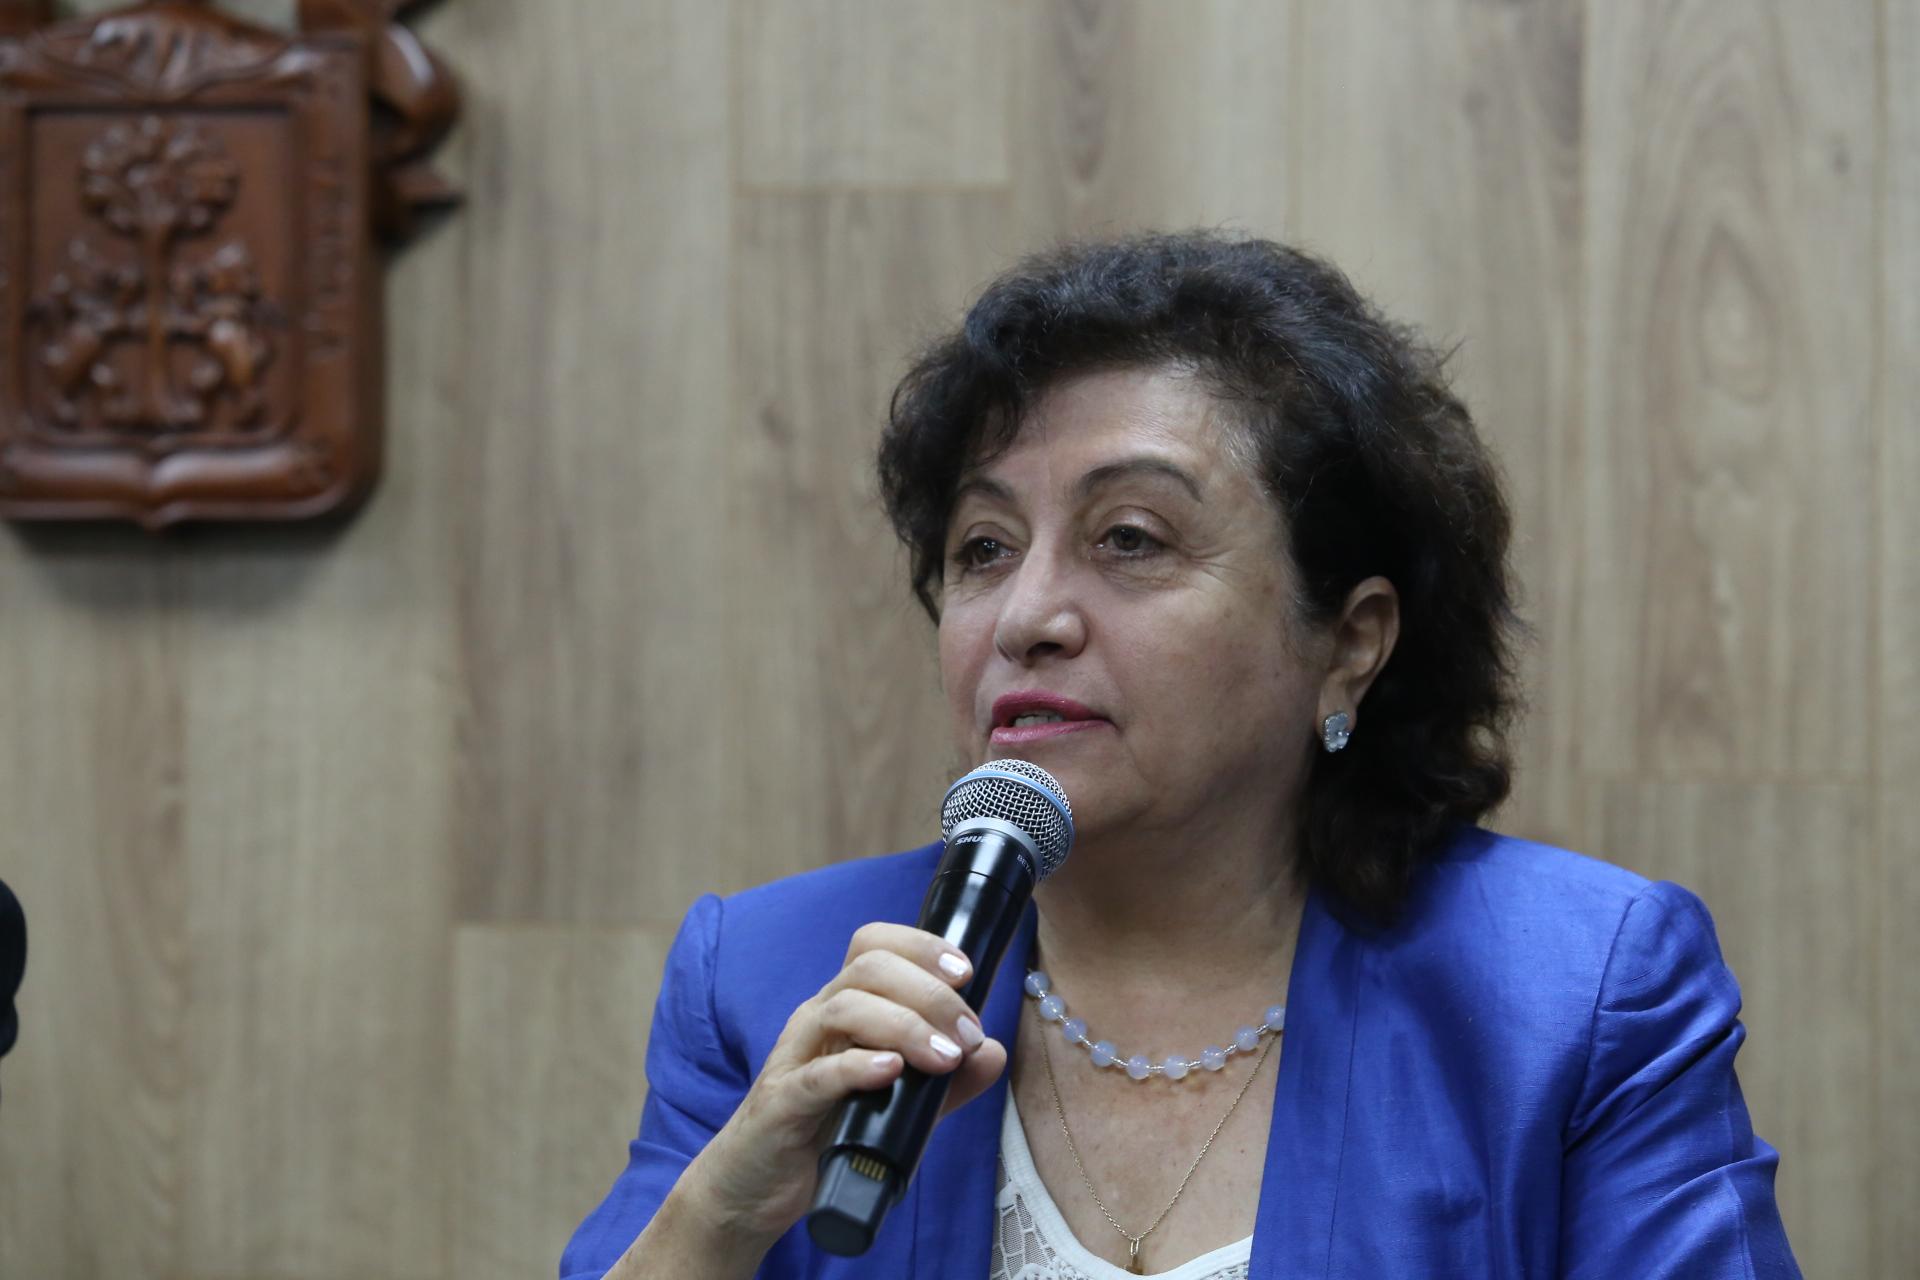 La Directora de la Cátedra UNESCO de Innovación Social y Emprendimiento, doctora Elia Marúm Espinosa, en uso de la palabra